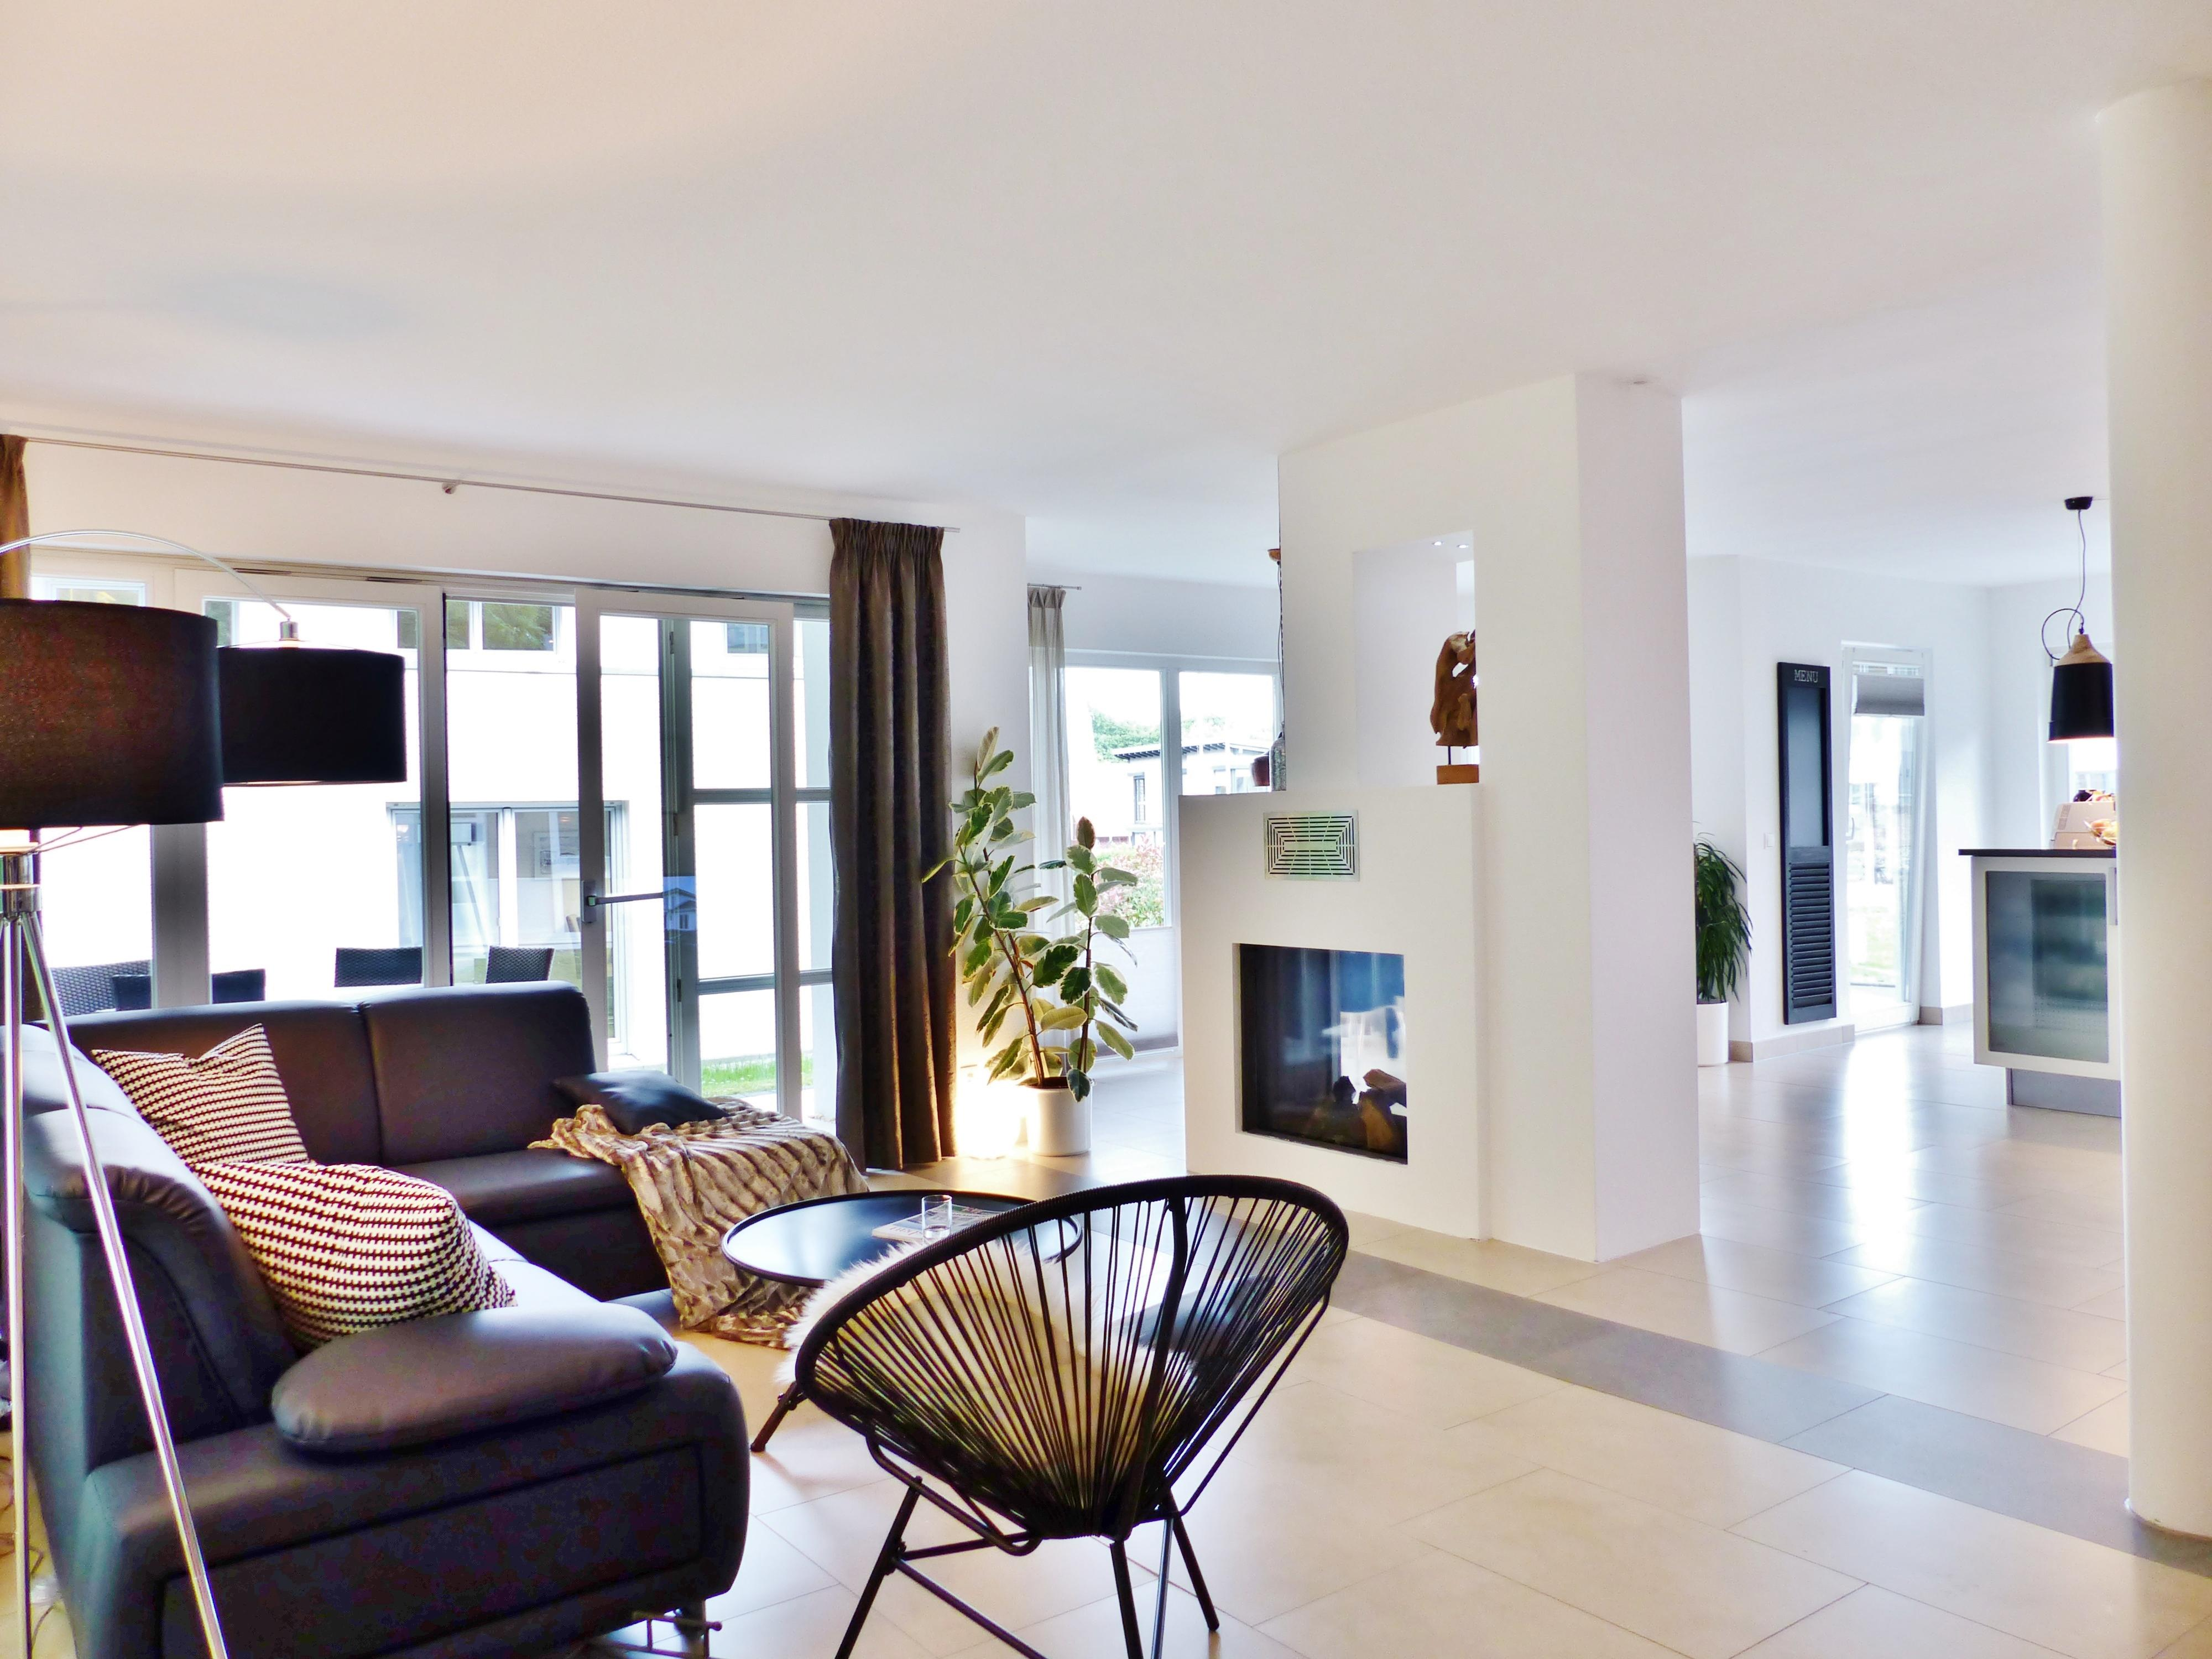 wohnzimmer kamin bilder ideen couchstyle. Black Bedroom Furniture Sets. Home Design Ideas